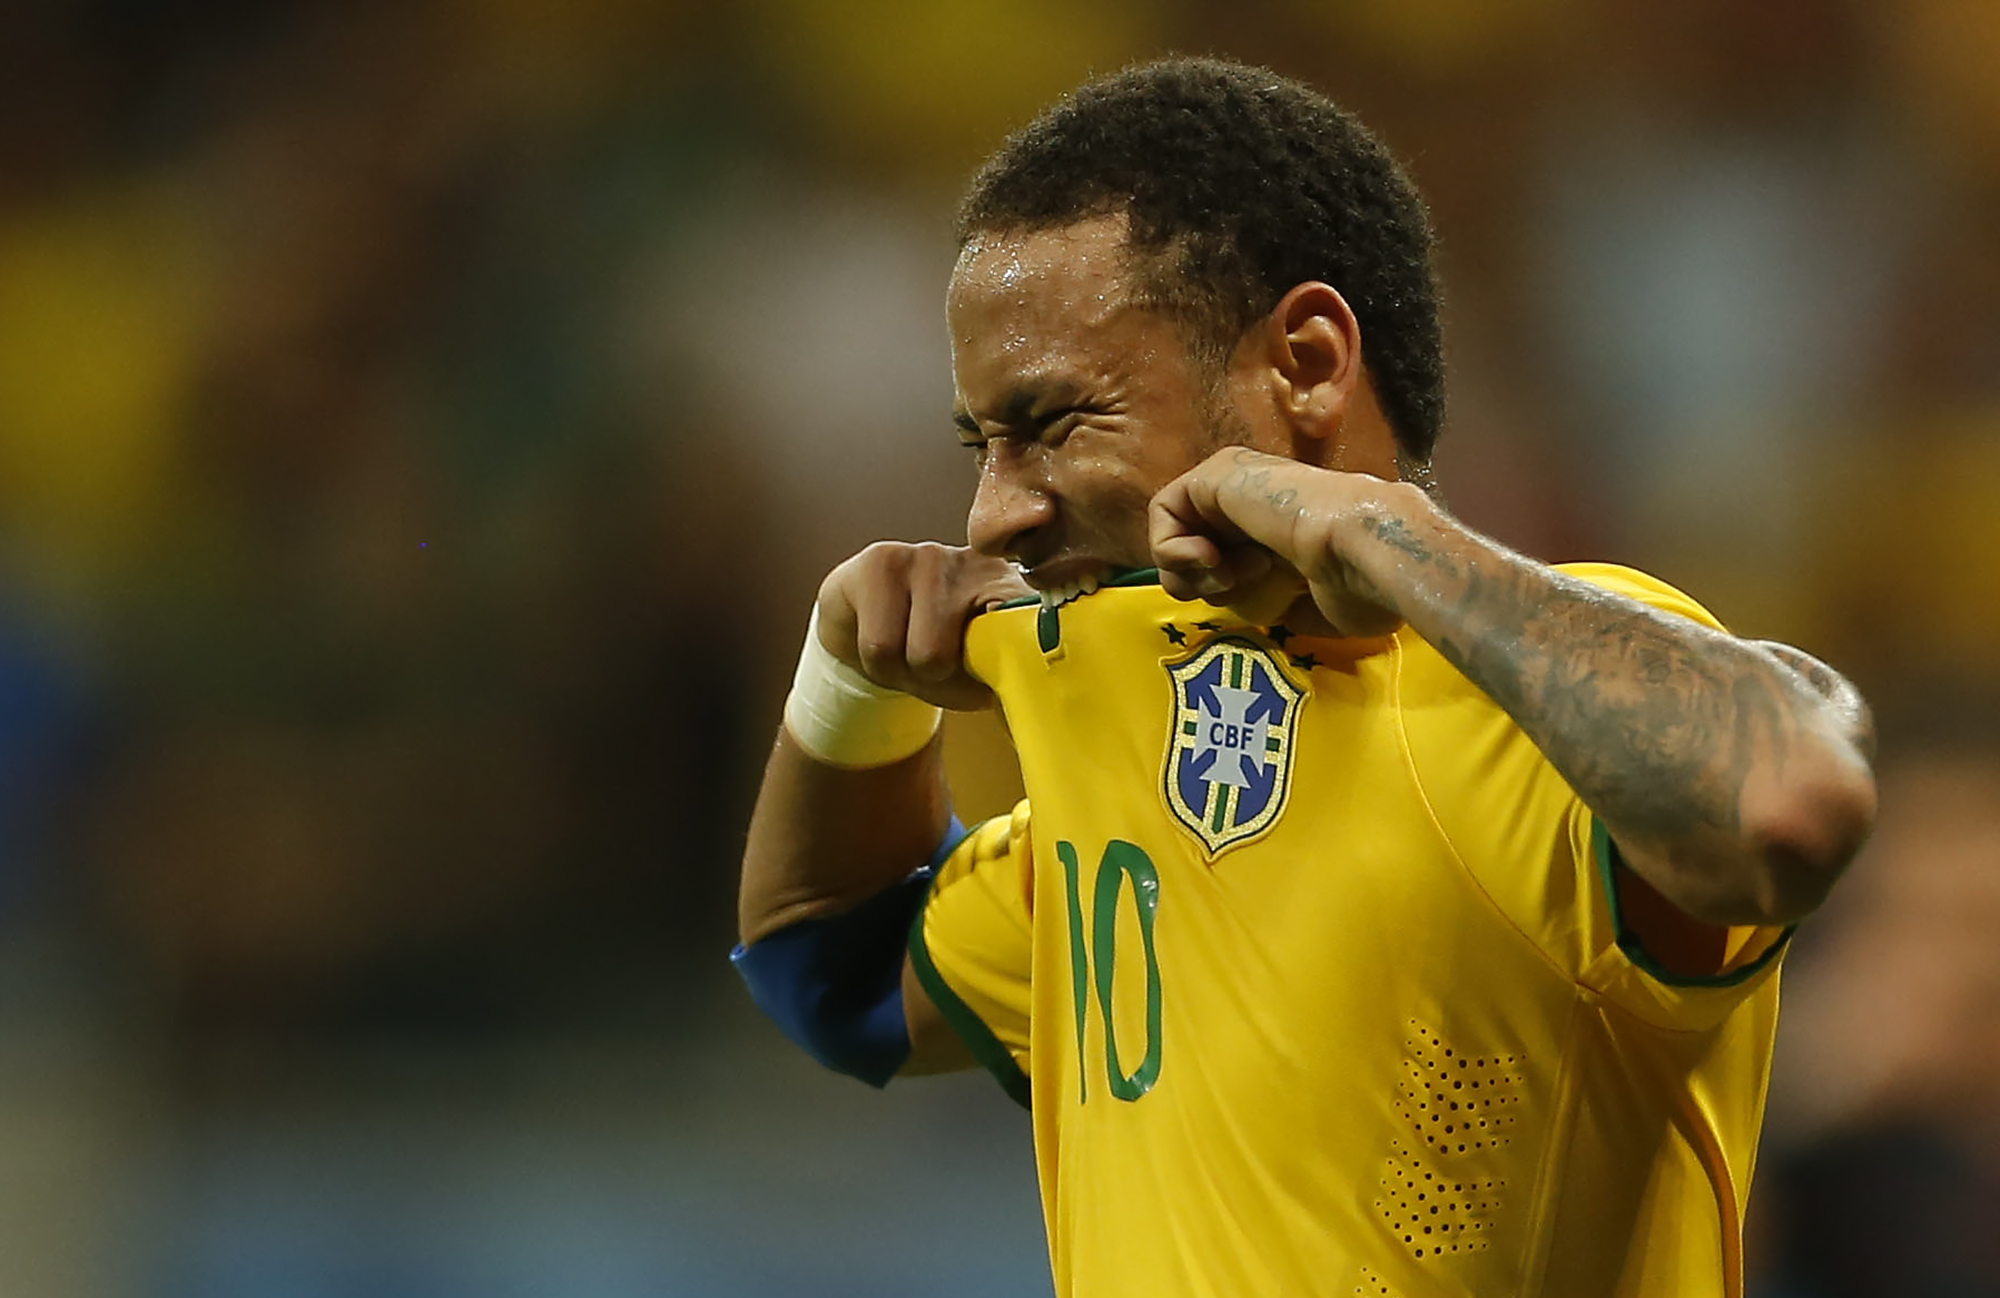 Neymar do Brasil reage durante partida contra o Peru pelas eliminatorias da Copa 2018, na Arena Fonte Nova, em Salvador, Bahia, Brasil, Novembro, terça-feira, 17, 2015. Foto Andre Mourao/Mowa Press